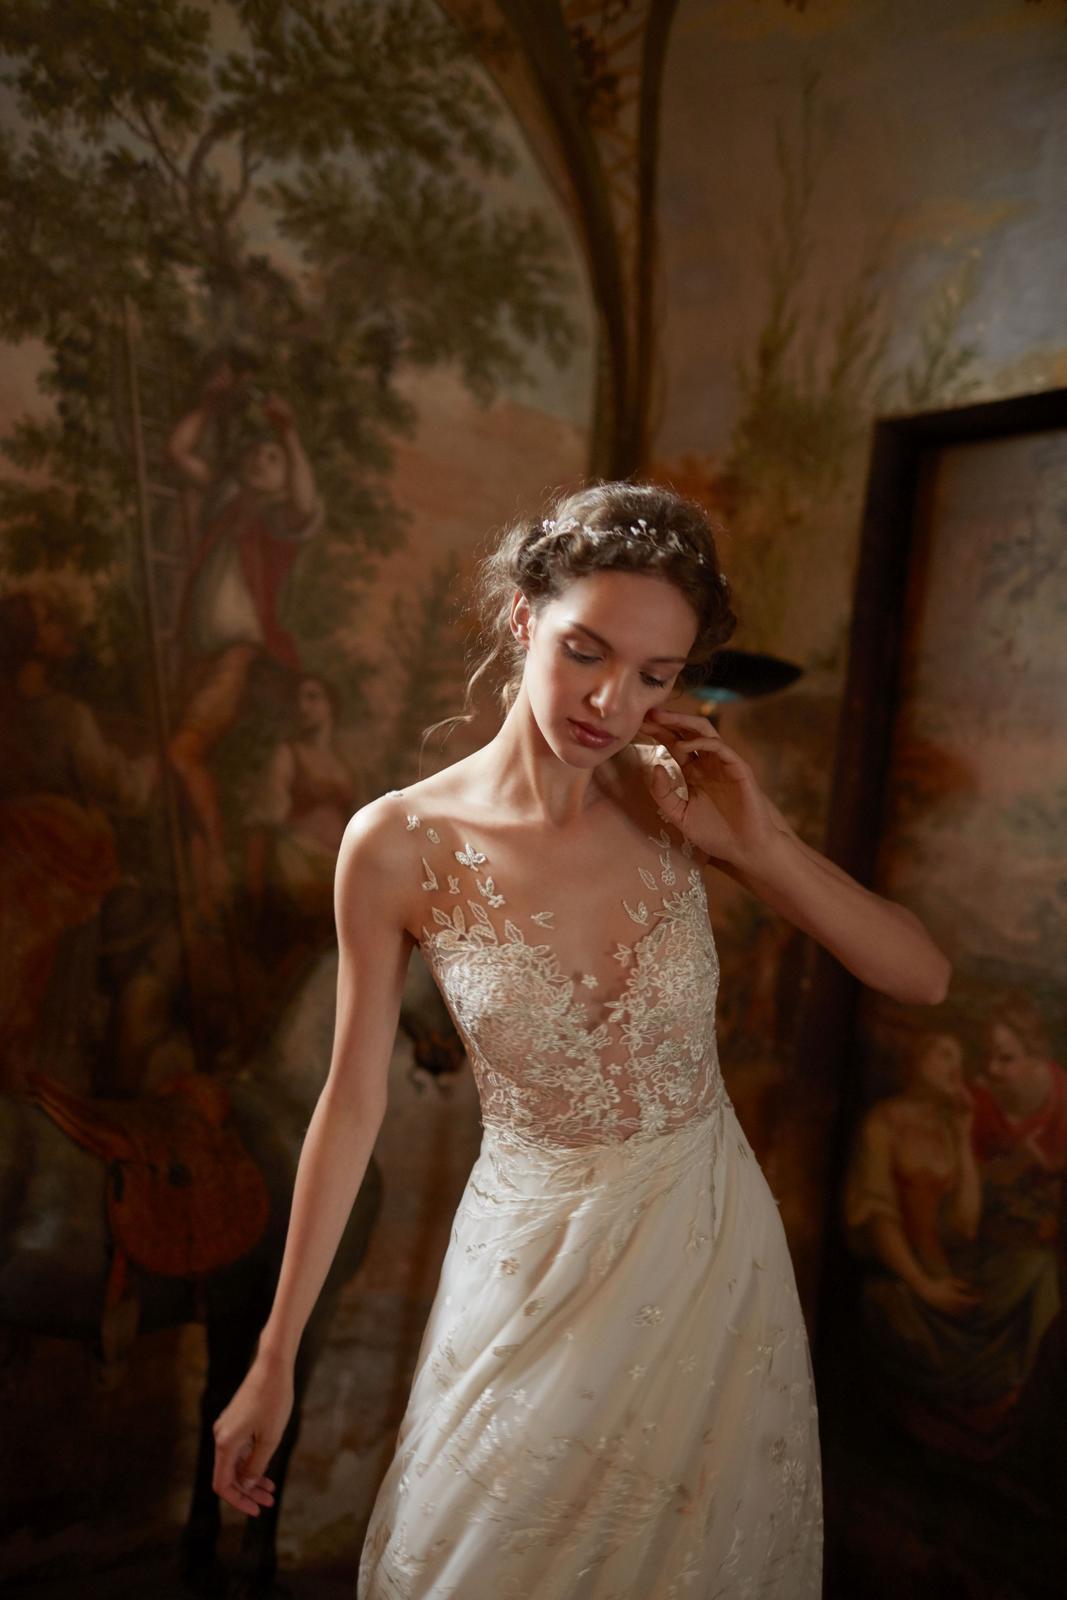 Anna Kara * Svadobné šaty z kolekcií na rok 2019 - Obrázok č. 71